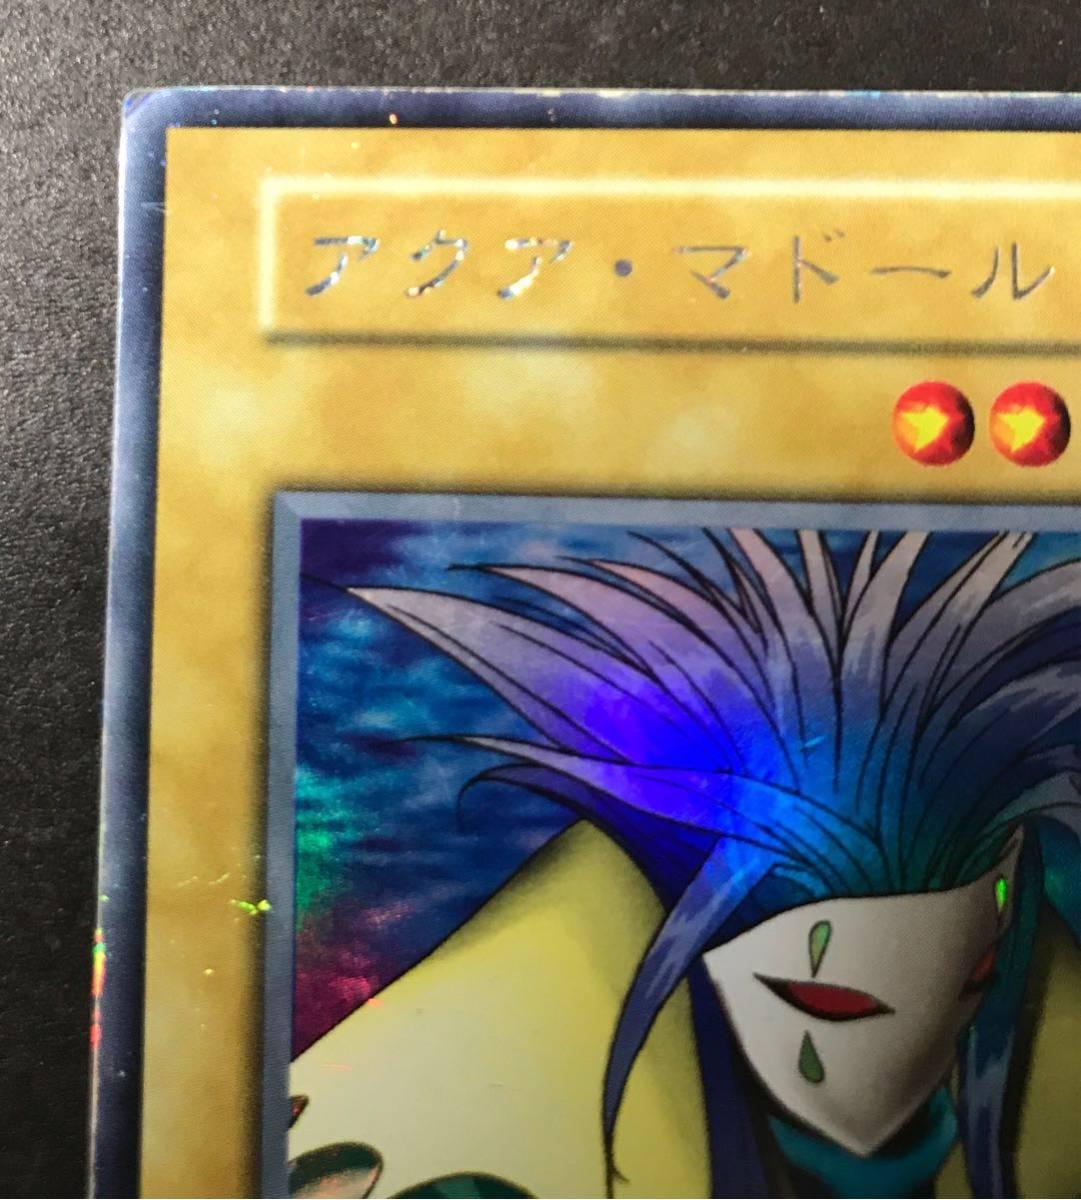 【希少】遊戯王 アクアマドール ウルトラシークレット傷有り_画像5